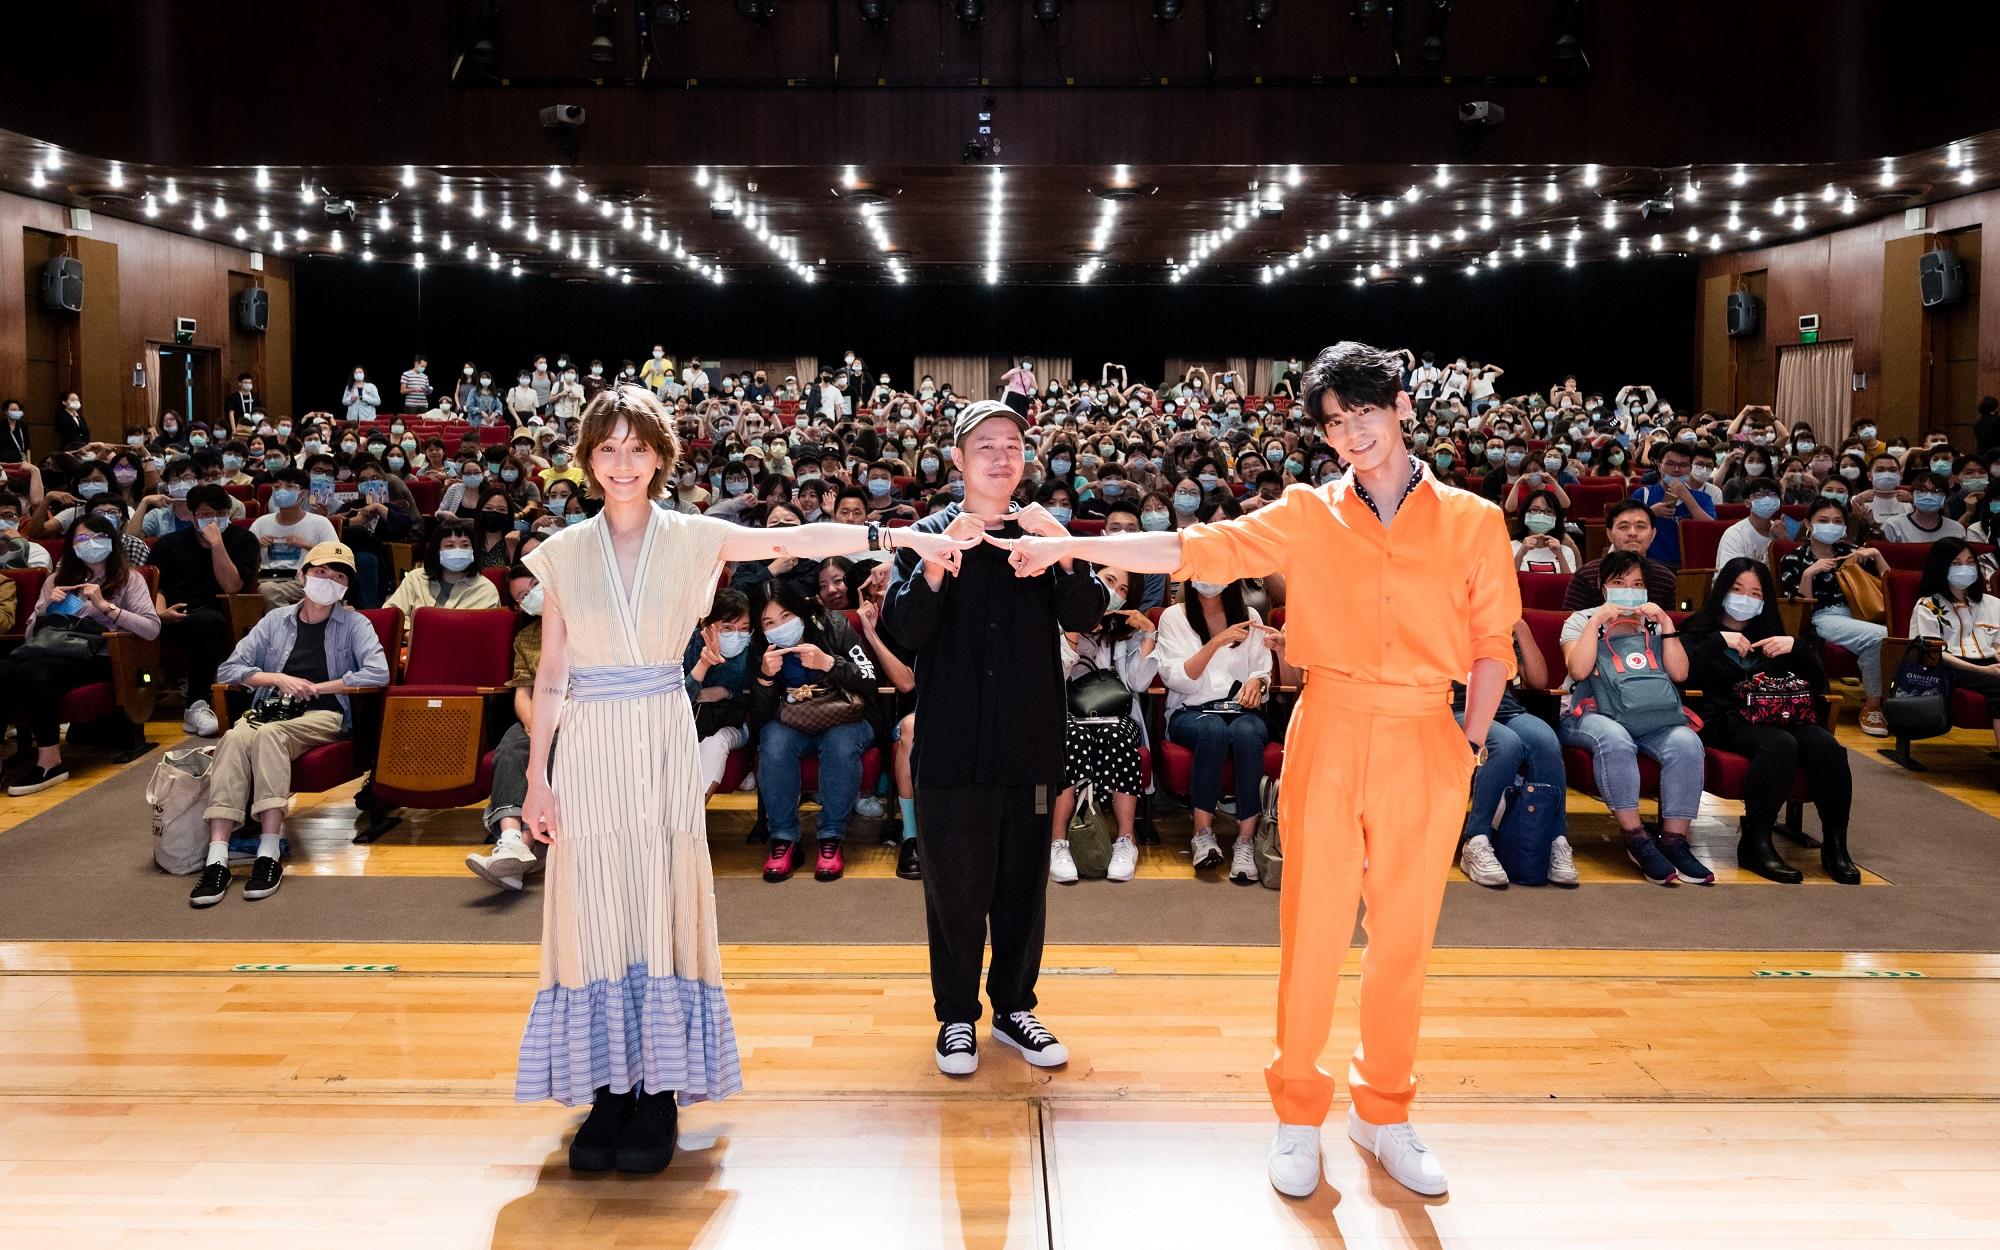 《怪胎》北影首映 導演廖明毅、主演林柏宏、謝欣穎開心與觀眾合影 比出怪胎官方心電感應手勢